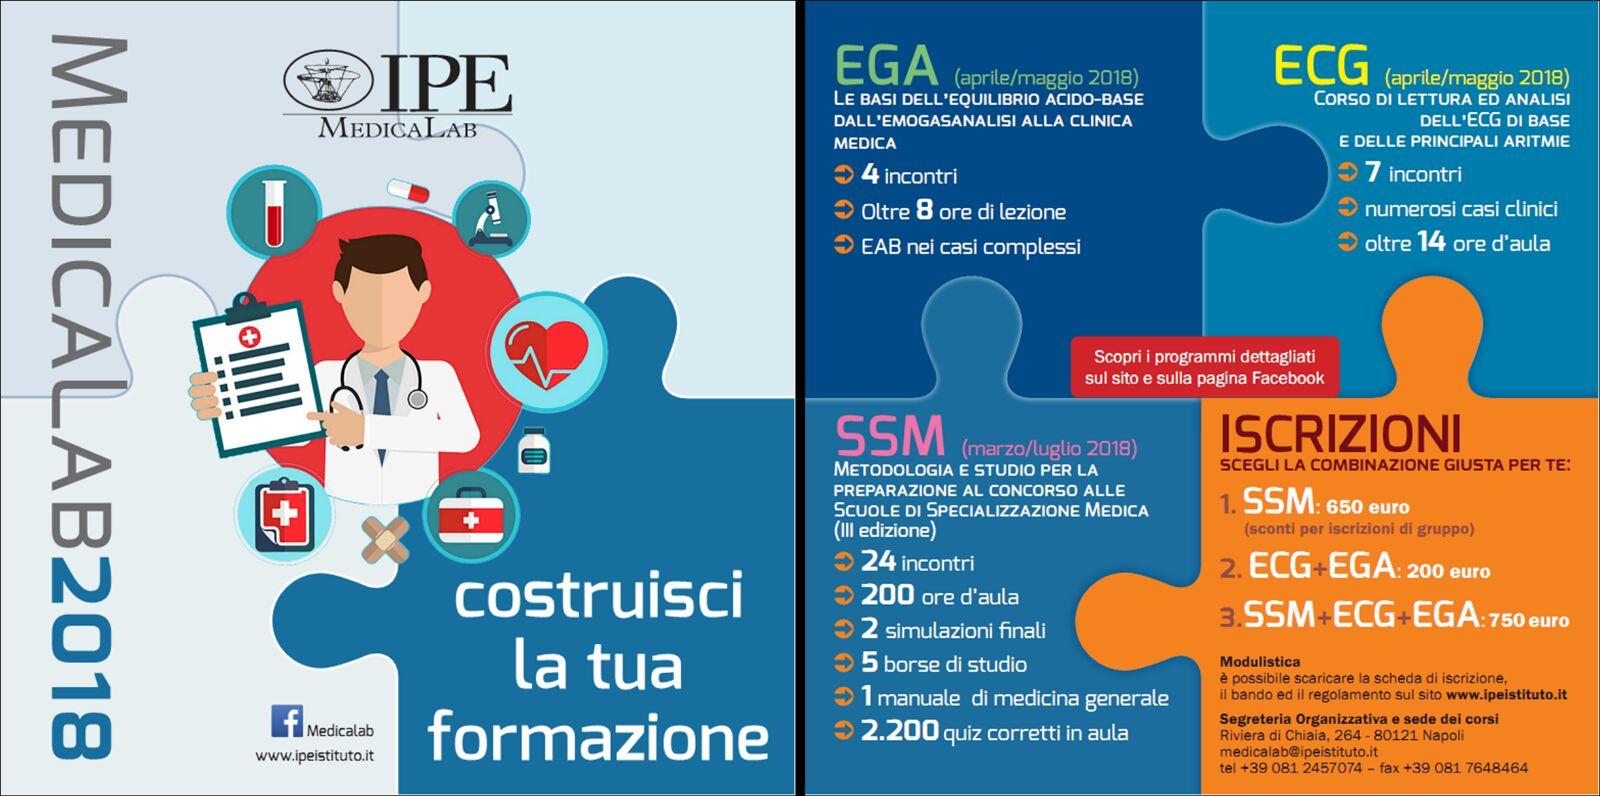 Medicalab IPE - Corsi 2018